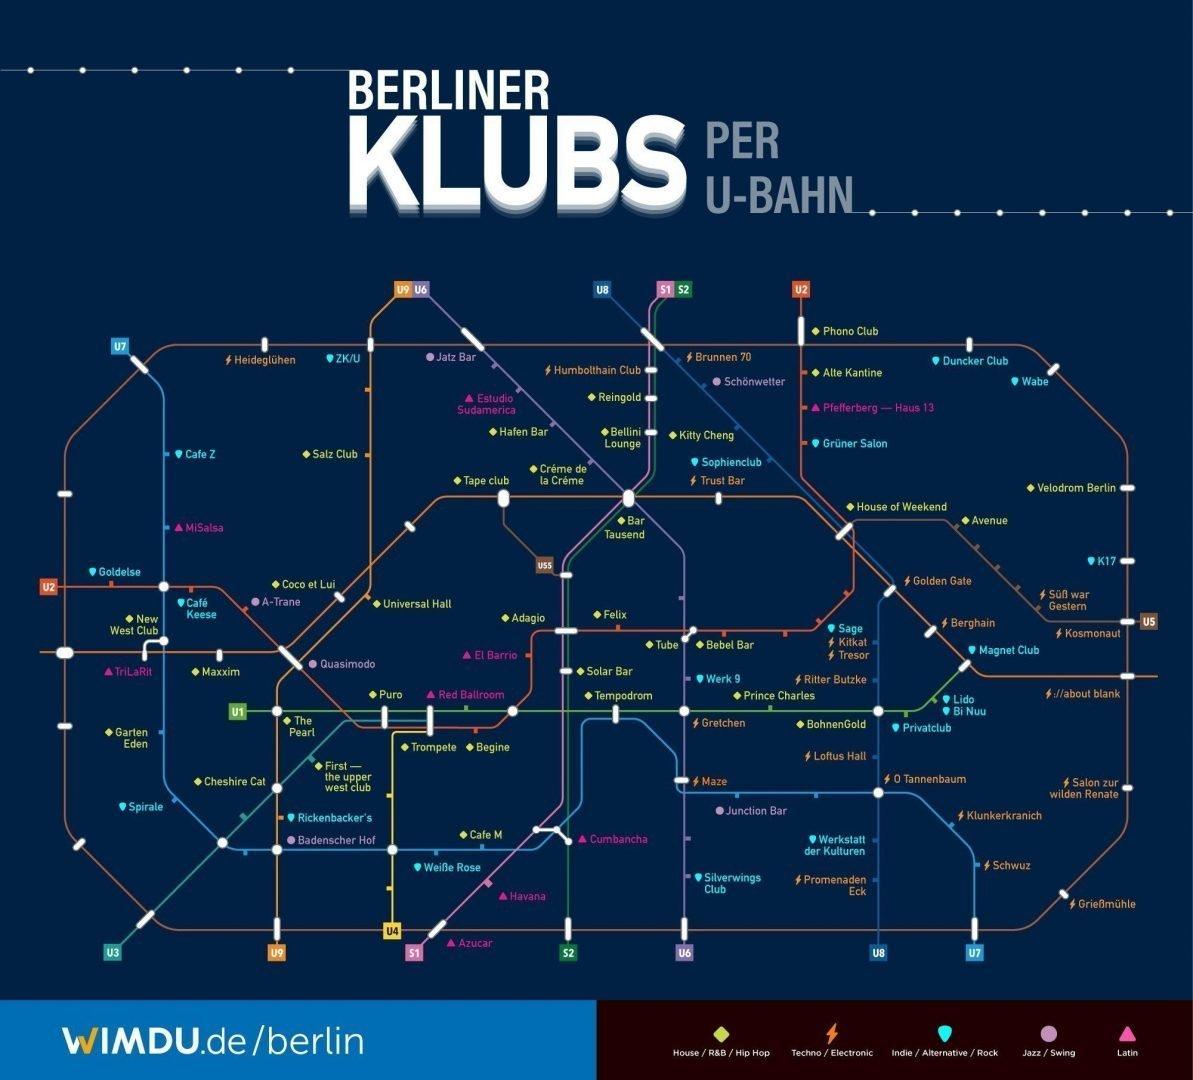 BerlinClubs-UBahn-map-DE-1